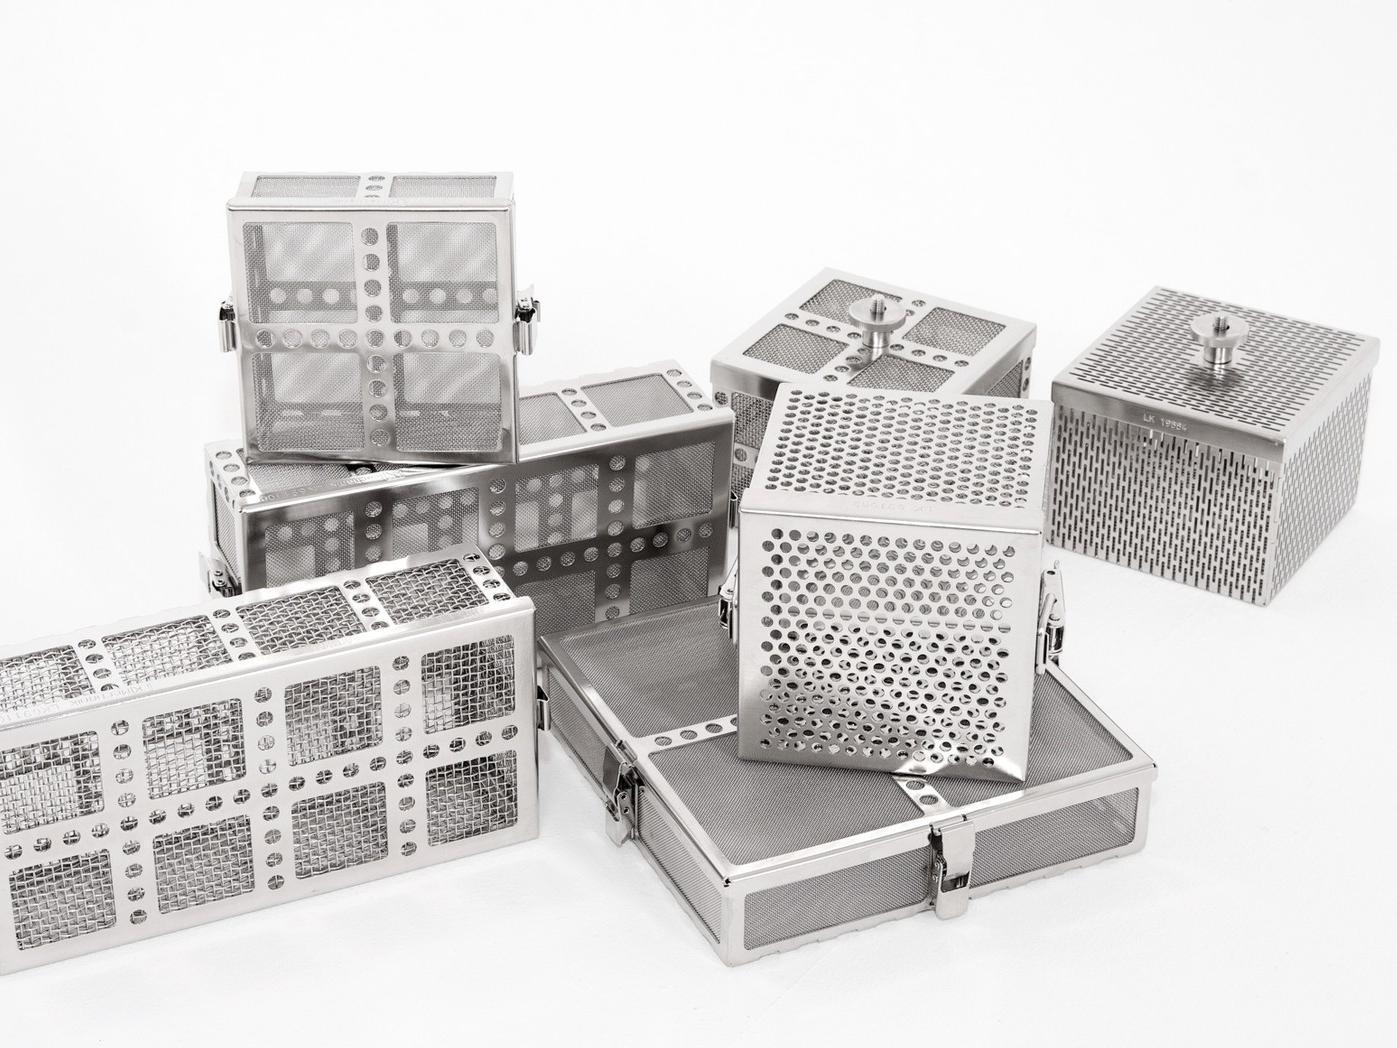 LK Mechanik zeigt auf der Parts2Clean neue Rundwaschkörbchen mit verschiedenen Verschlüssen und eine erweiterte Behälterauswahl für sein modulares System.